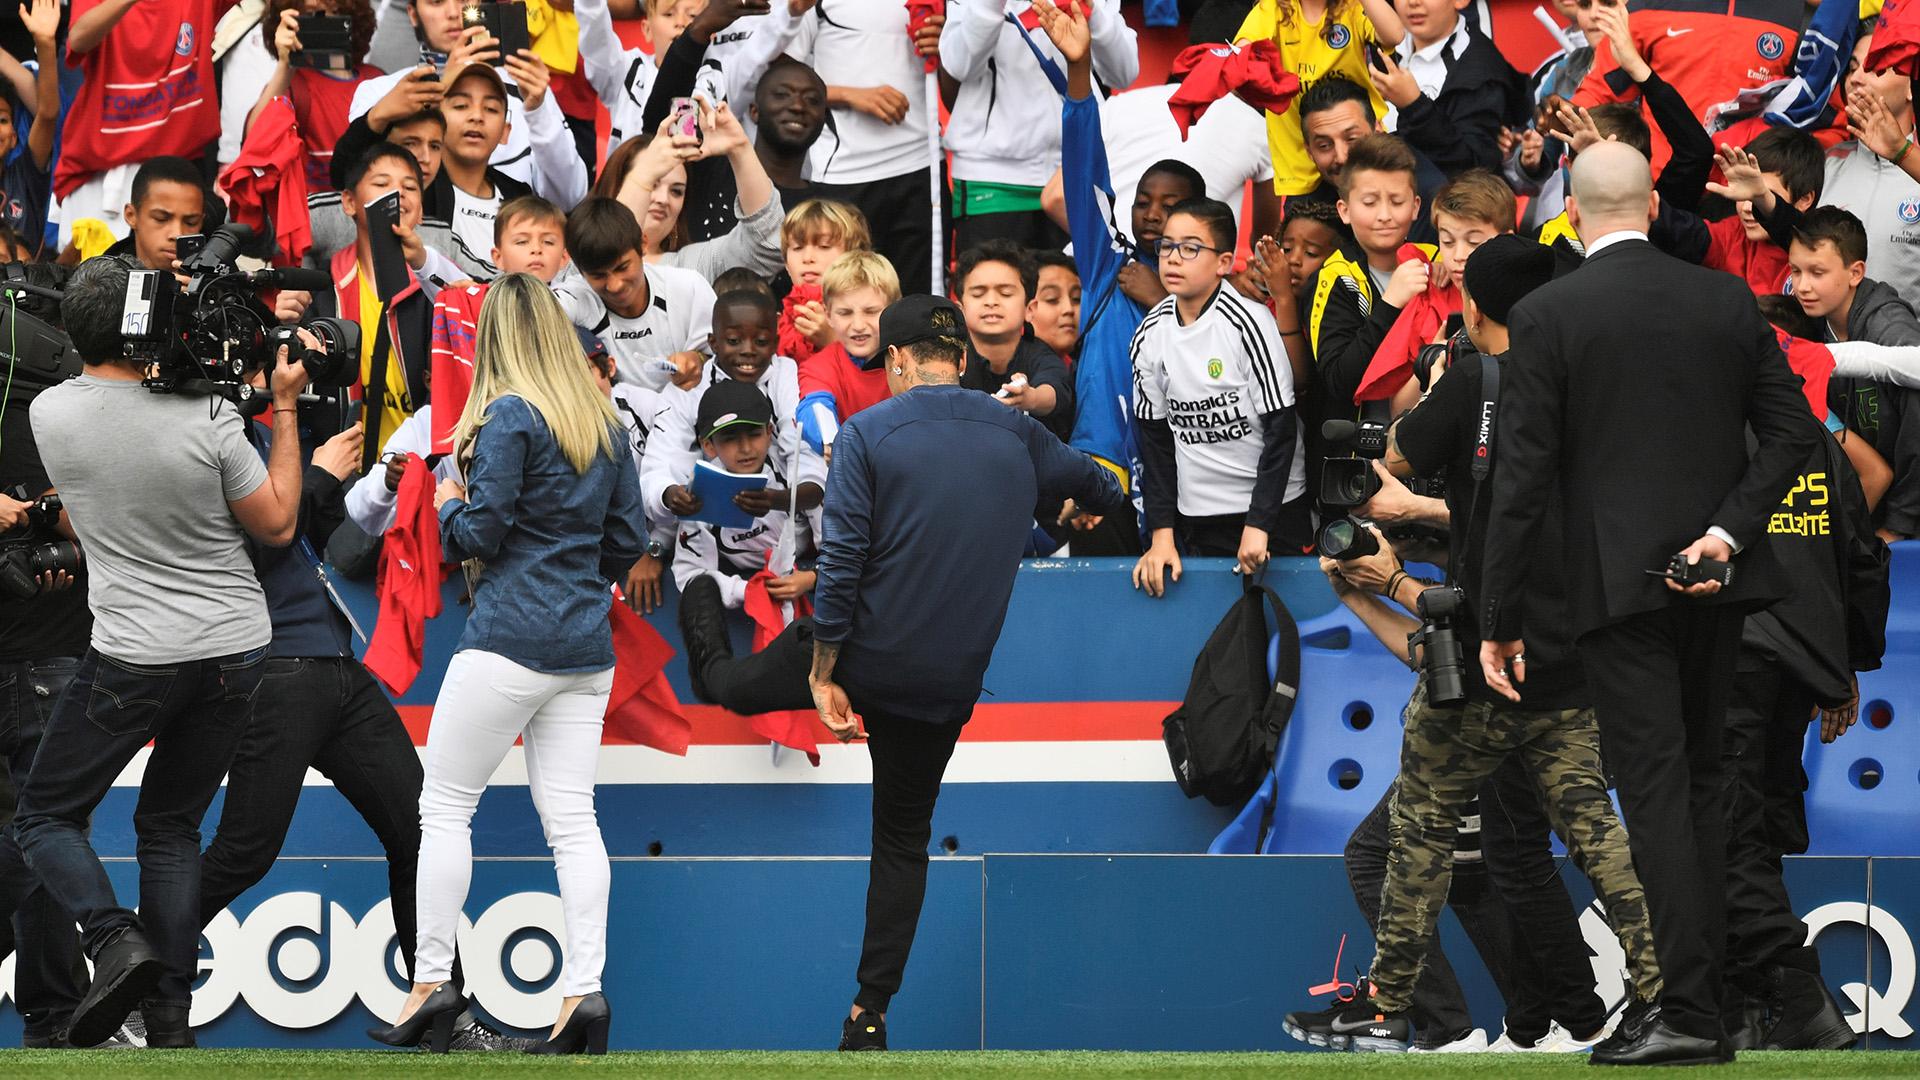 Neymar regaló algunos balones a los jóvenes aficionados (AFP)